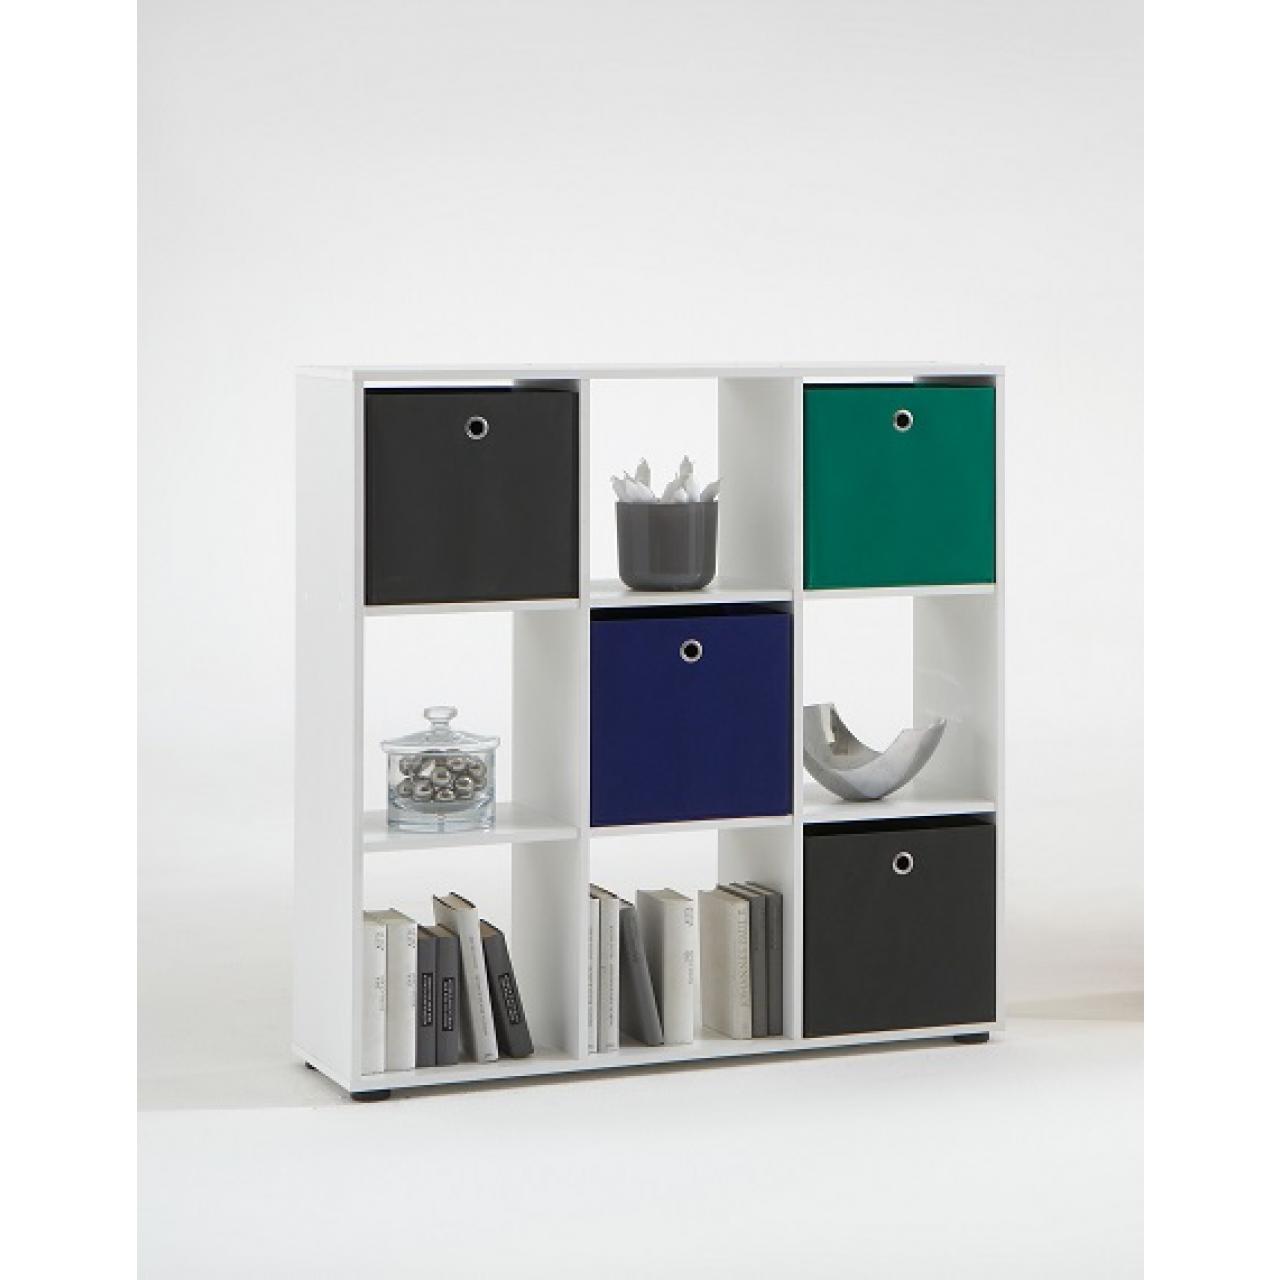 Raumteiler-Regal Mega 5 Weiß